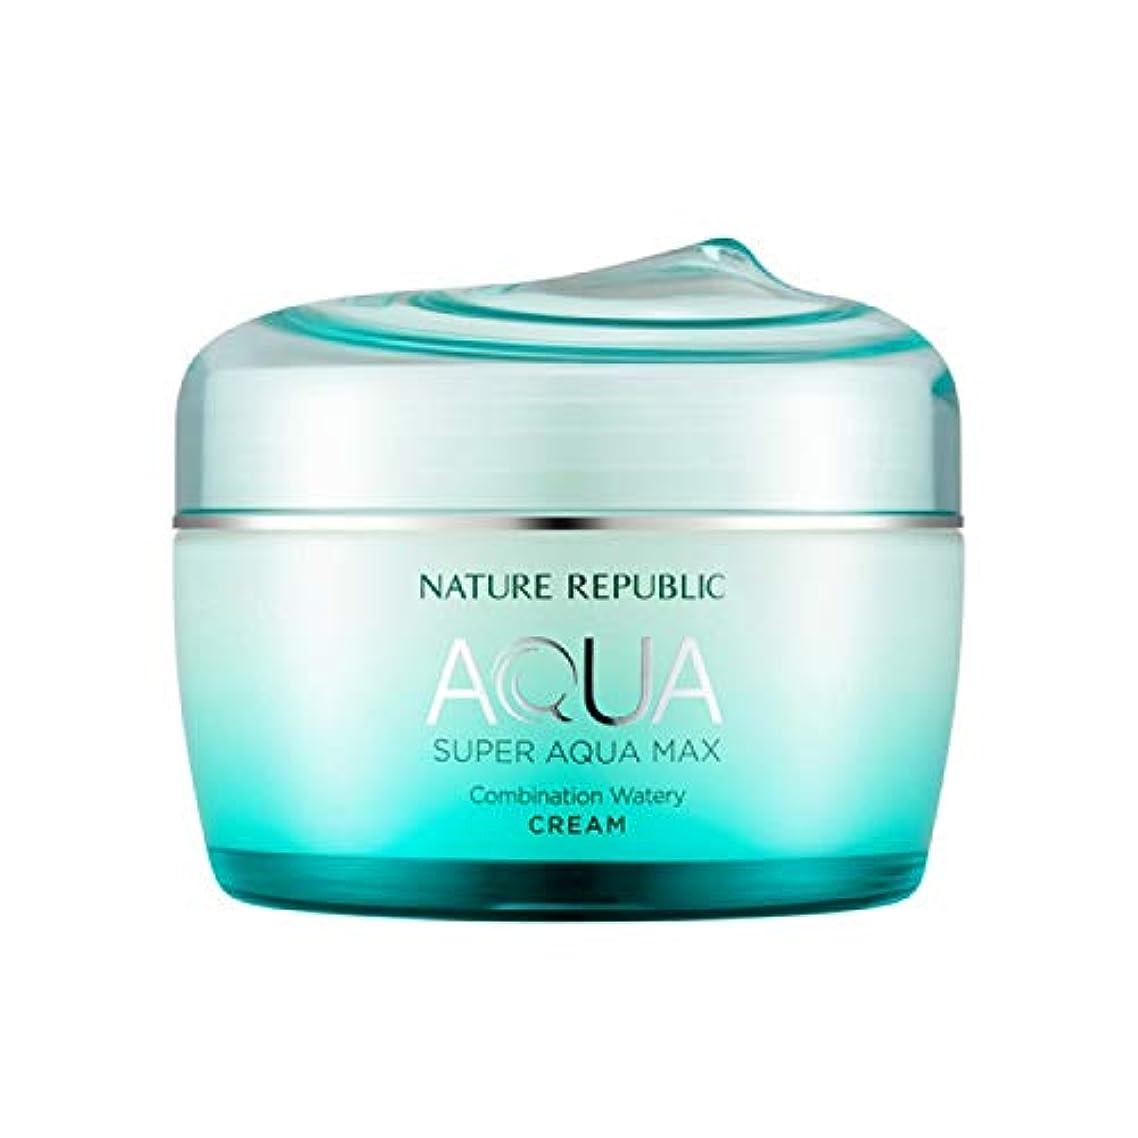 素朴な独裁者前任者ネイチャーリパブリック(Nature Republic)スーパーアクアマックスコンビネーション水分クリーム [複合肌用] 80ml / Super Aqua-Max Combination Moisture Cream...